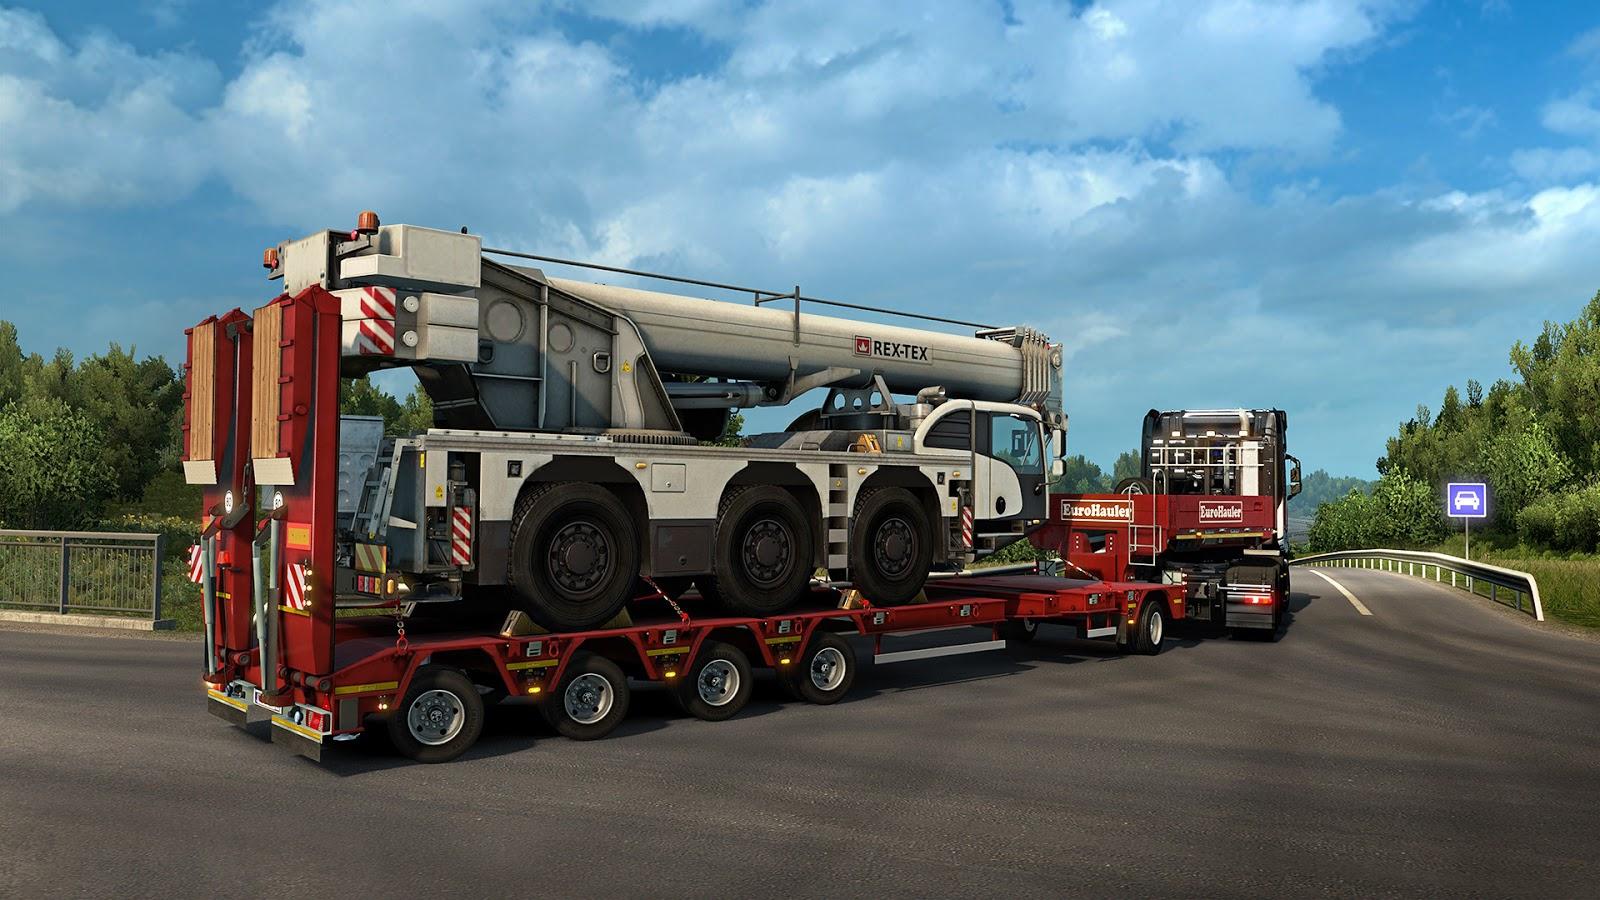 euro truck simulator 2 heavy cargo dlc pack online kaufen und sofort downloaden. Black Bedroom Furniture Sets. Home Design Ideas